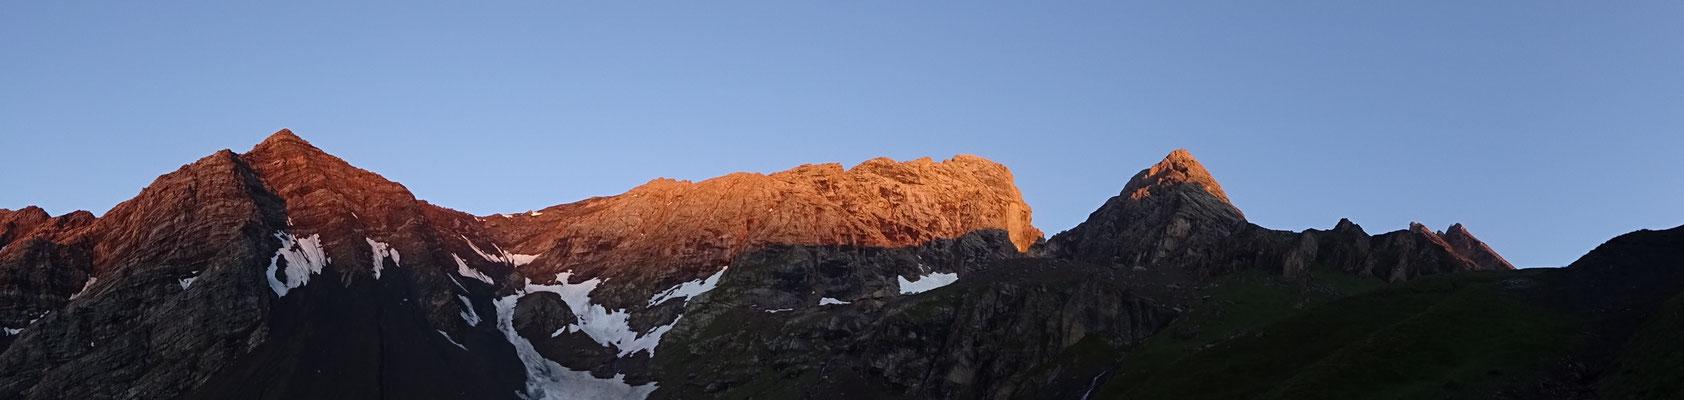 Lever de soleil sur la pointe Salvador, la Méridionale et la Centrale - Aiguilles d'Arves topo